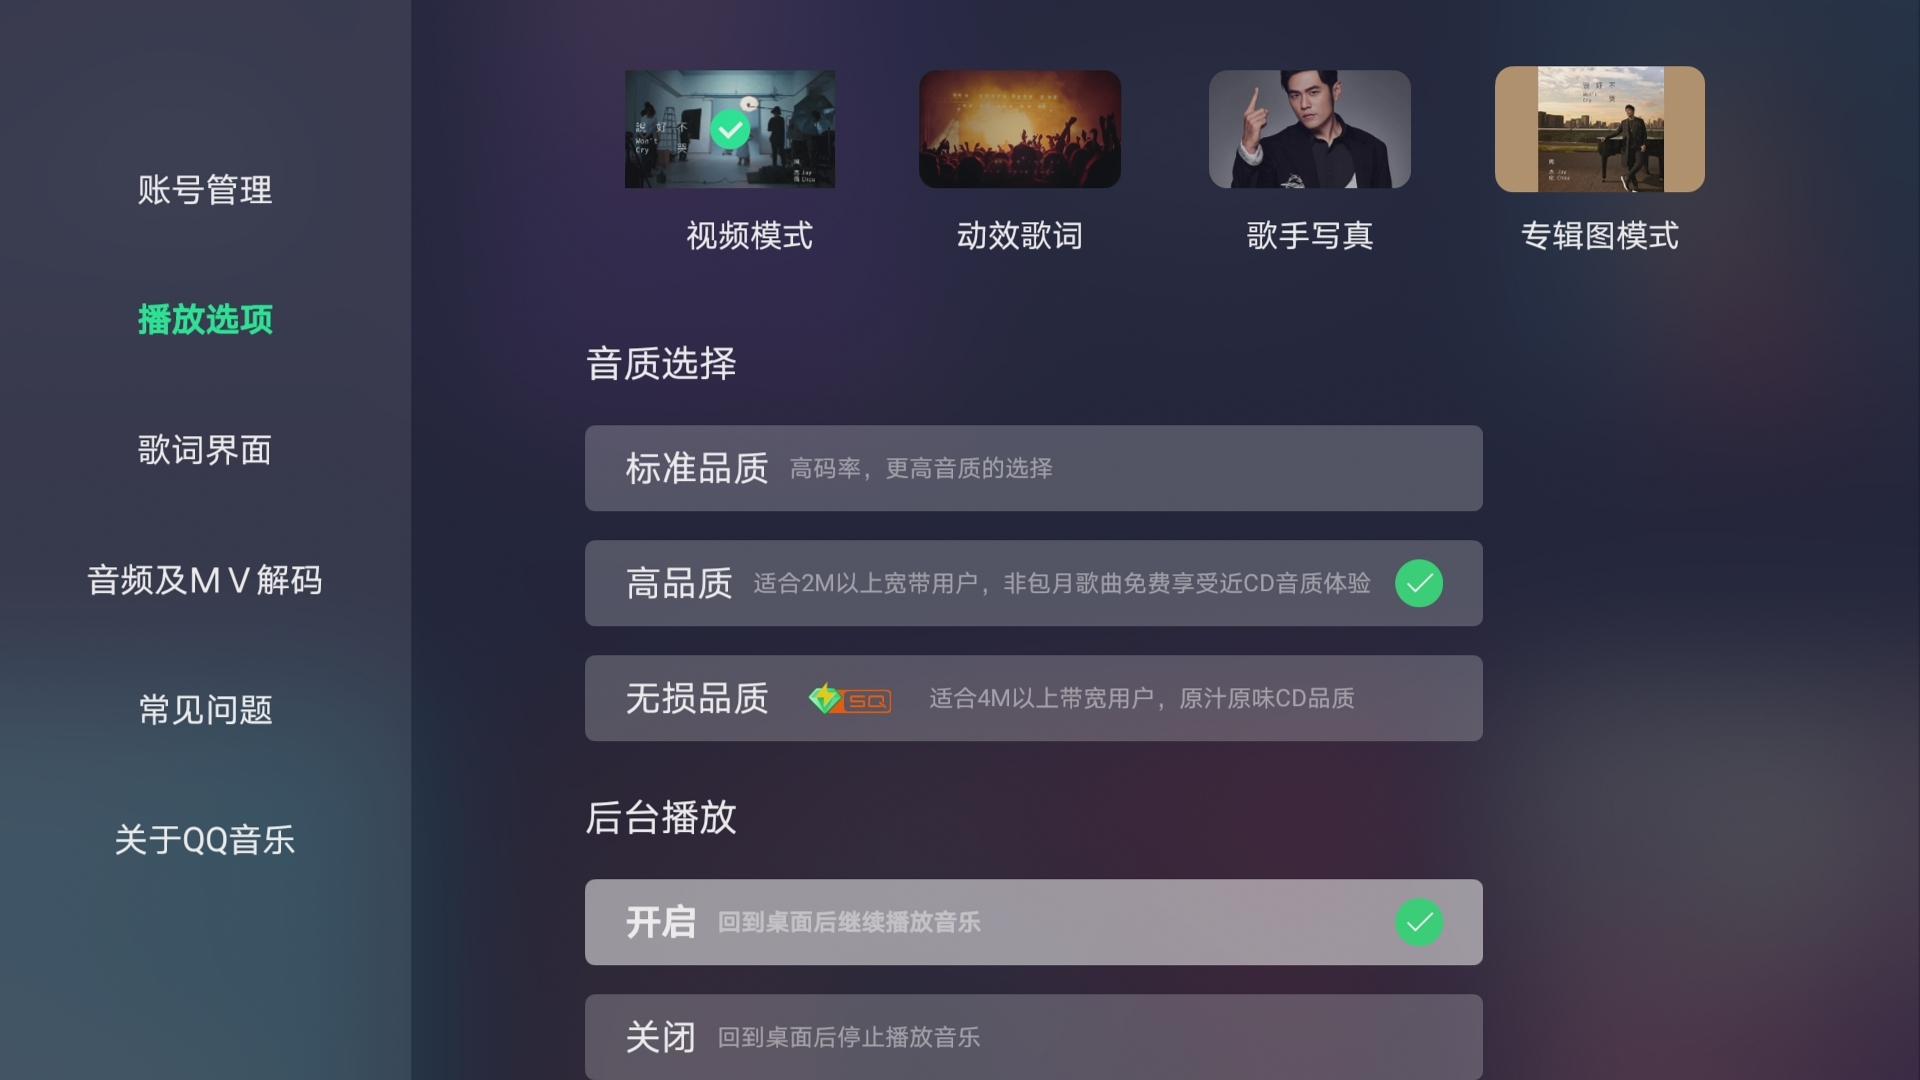 screenshot_20210202115022130.jpg